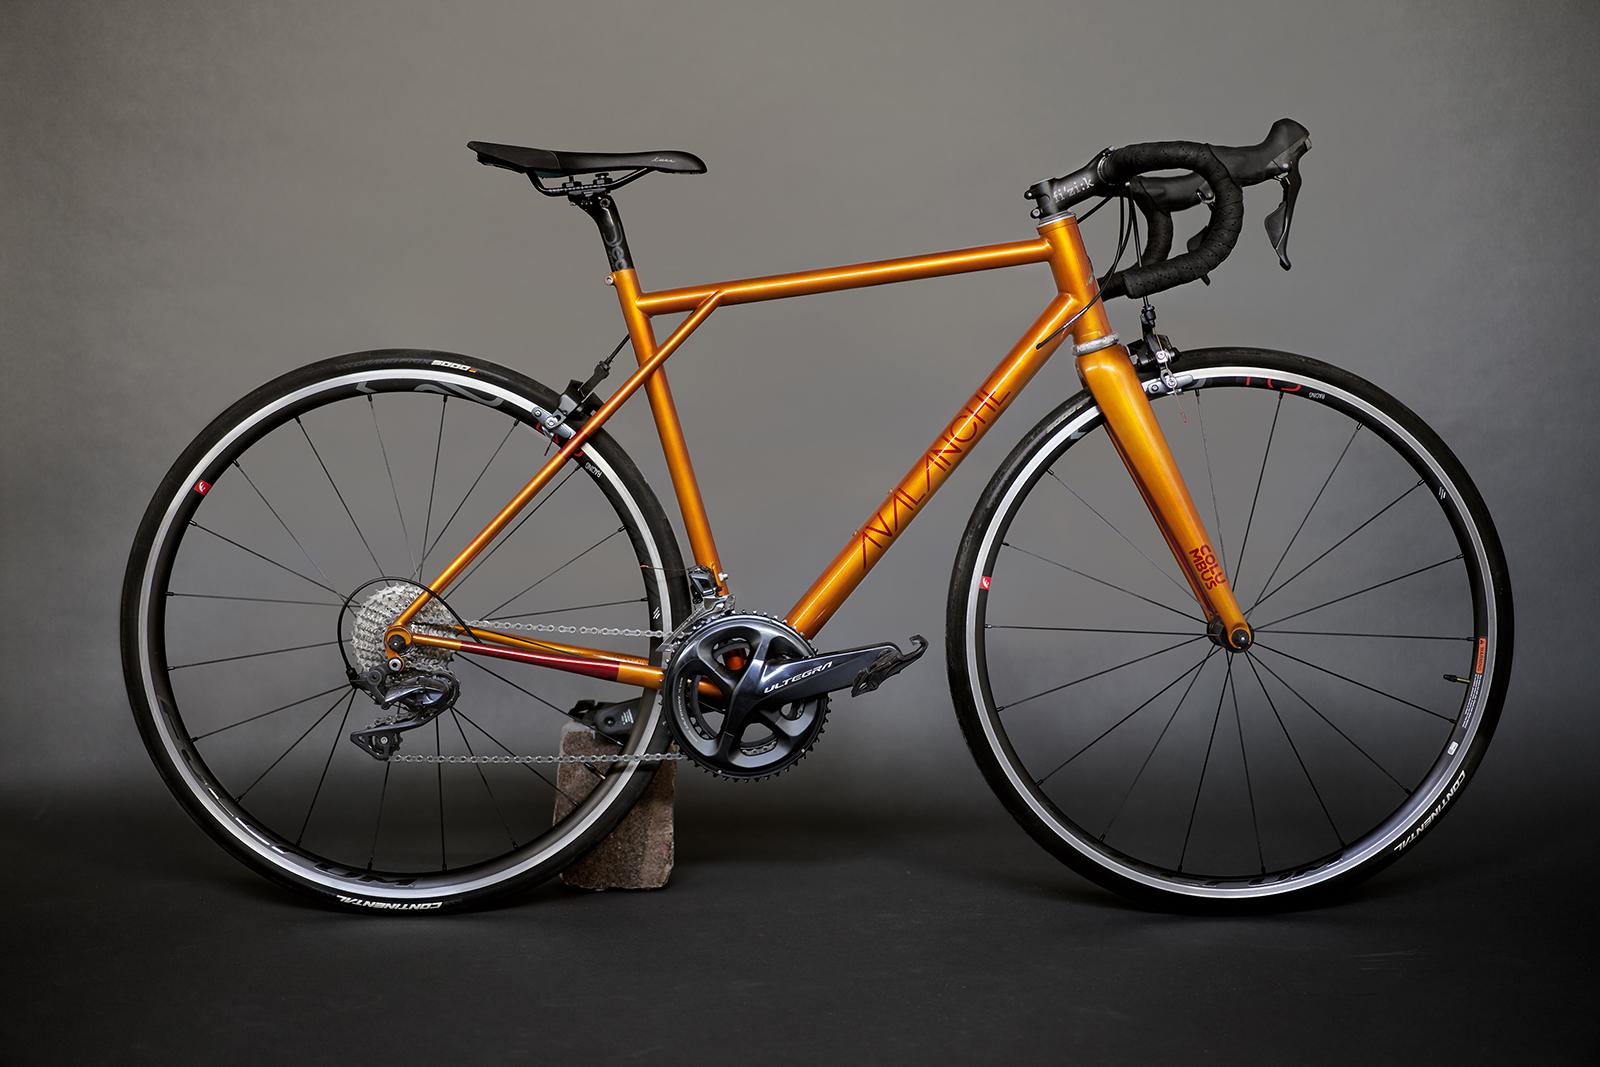 Aujourd'hui 2 vélos sillonnent au quotidien les rues Parisiennes - photo ®FRANCOIS-REGIS DURAND-2020